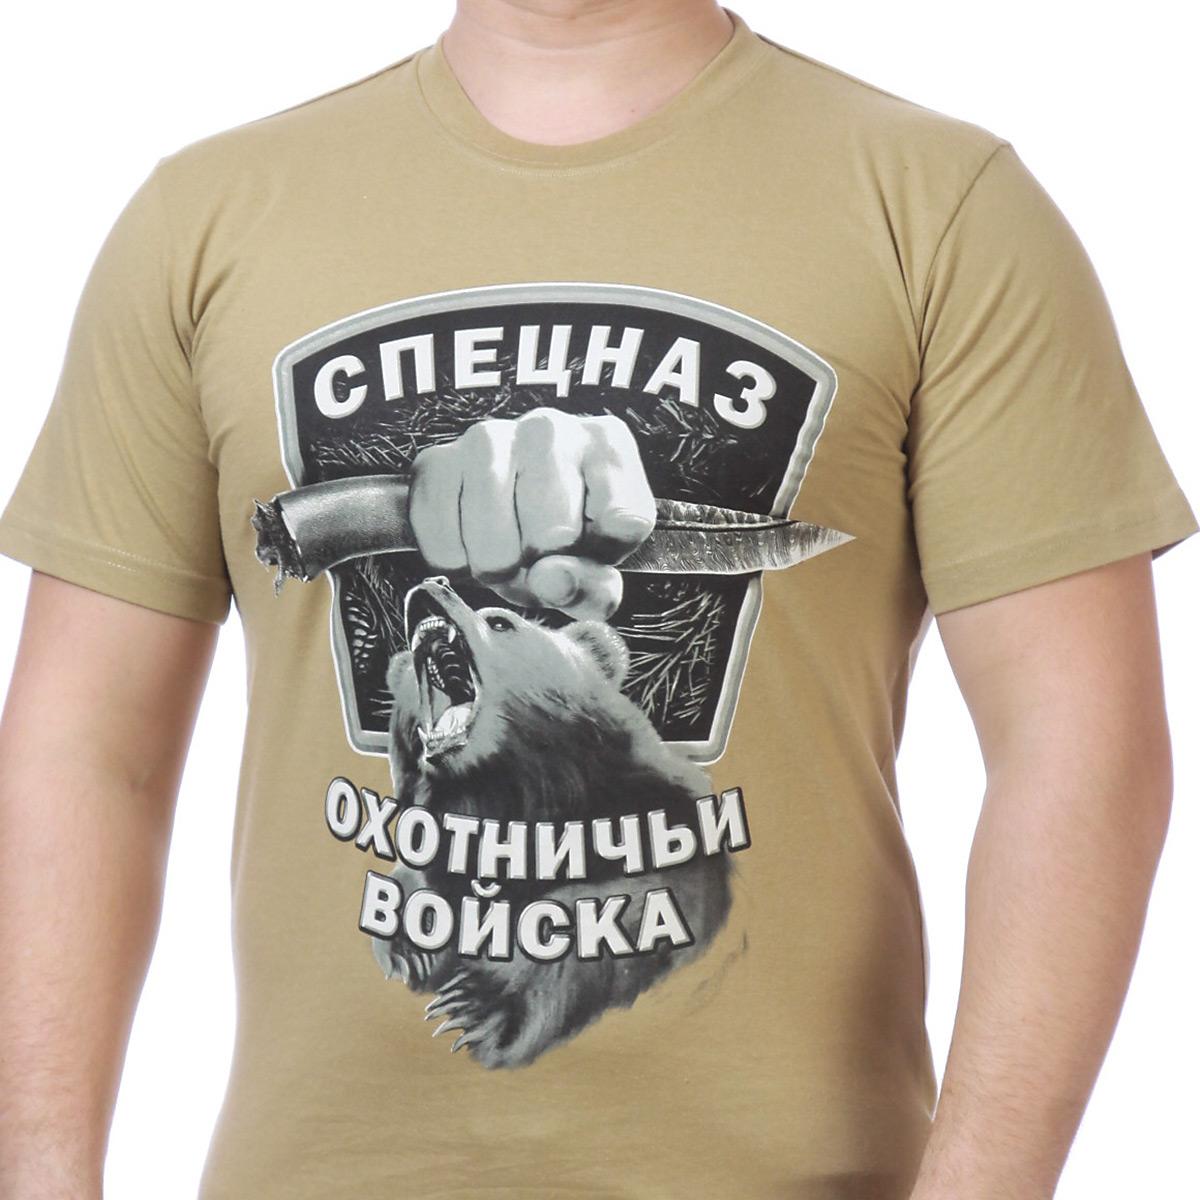 Купить футболки во Власихе